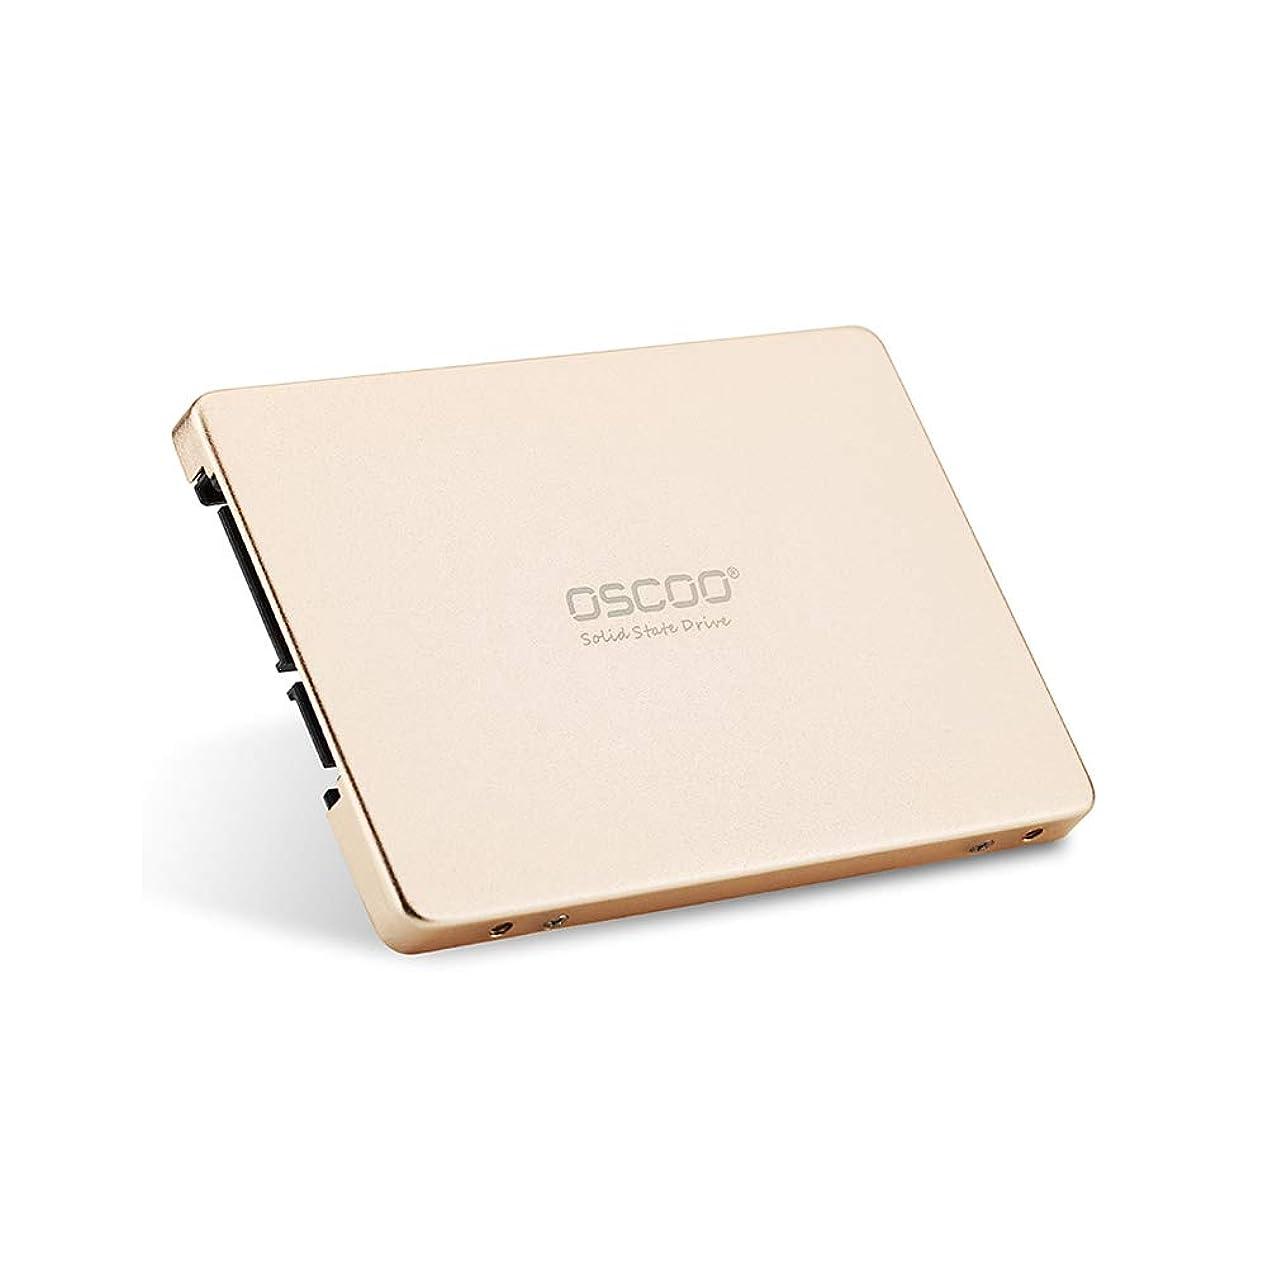 入浴支配的テストKKmoon ソリッドステートディスクSATA III 512GB 2.5インチ SSD PCラップトップデスクトップ用